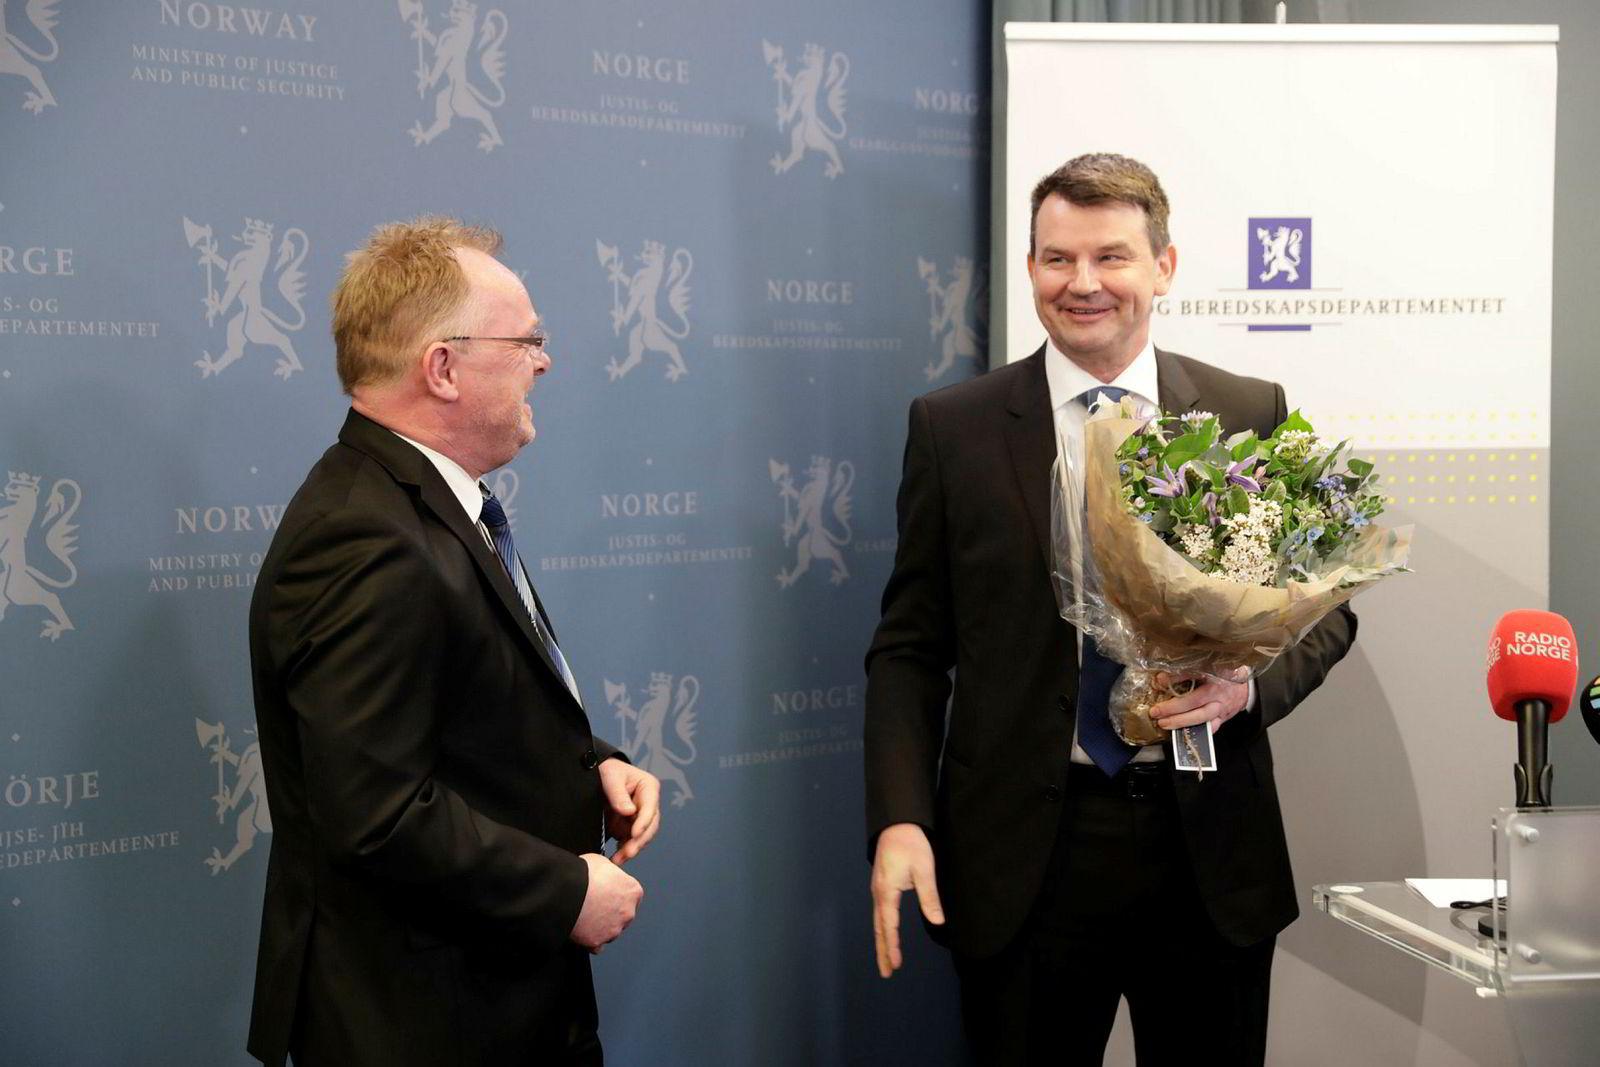 Tor Mikkel Wara tok over som justisminister etter Sylvi Listhaug. Per Sandberg fungerte som justisminister bare midlertidig.